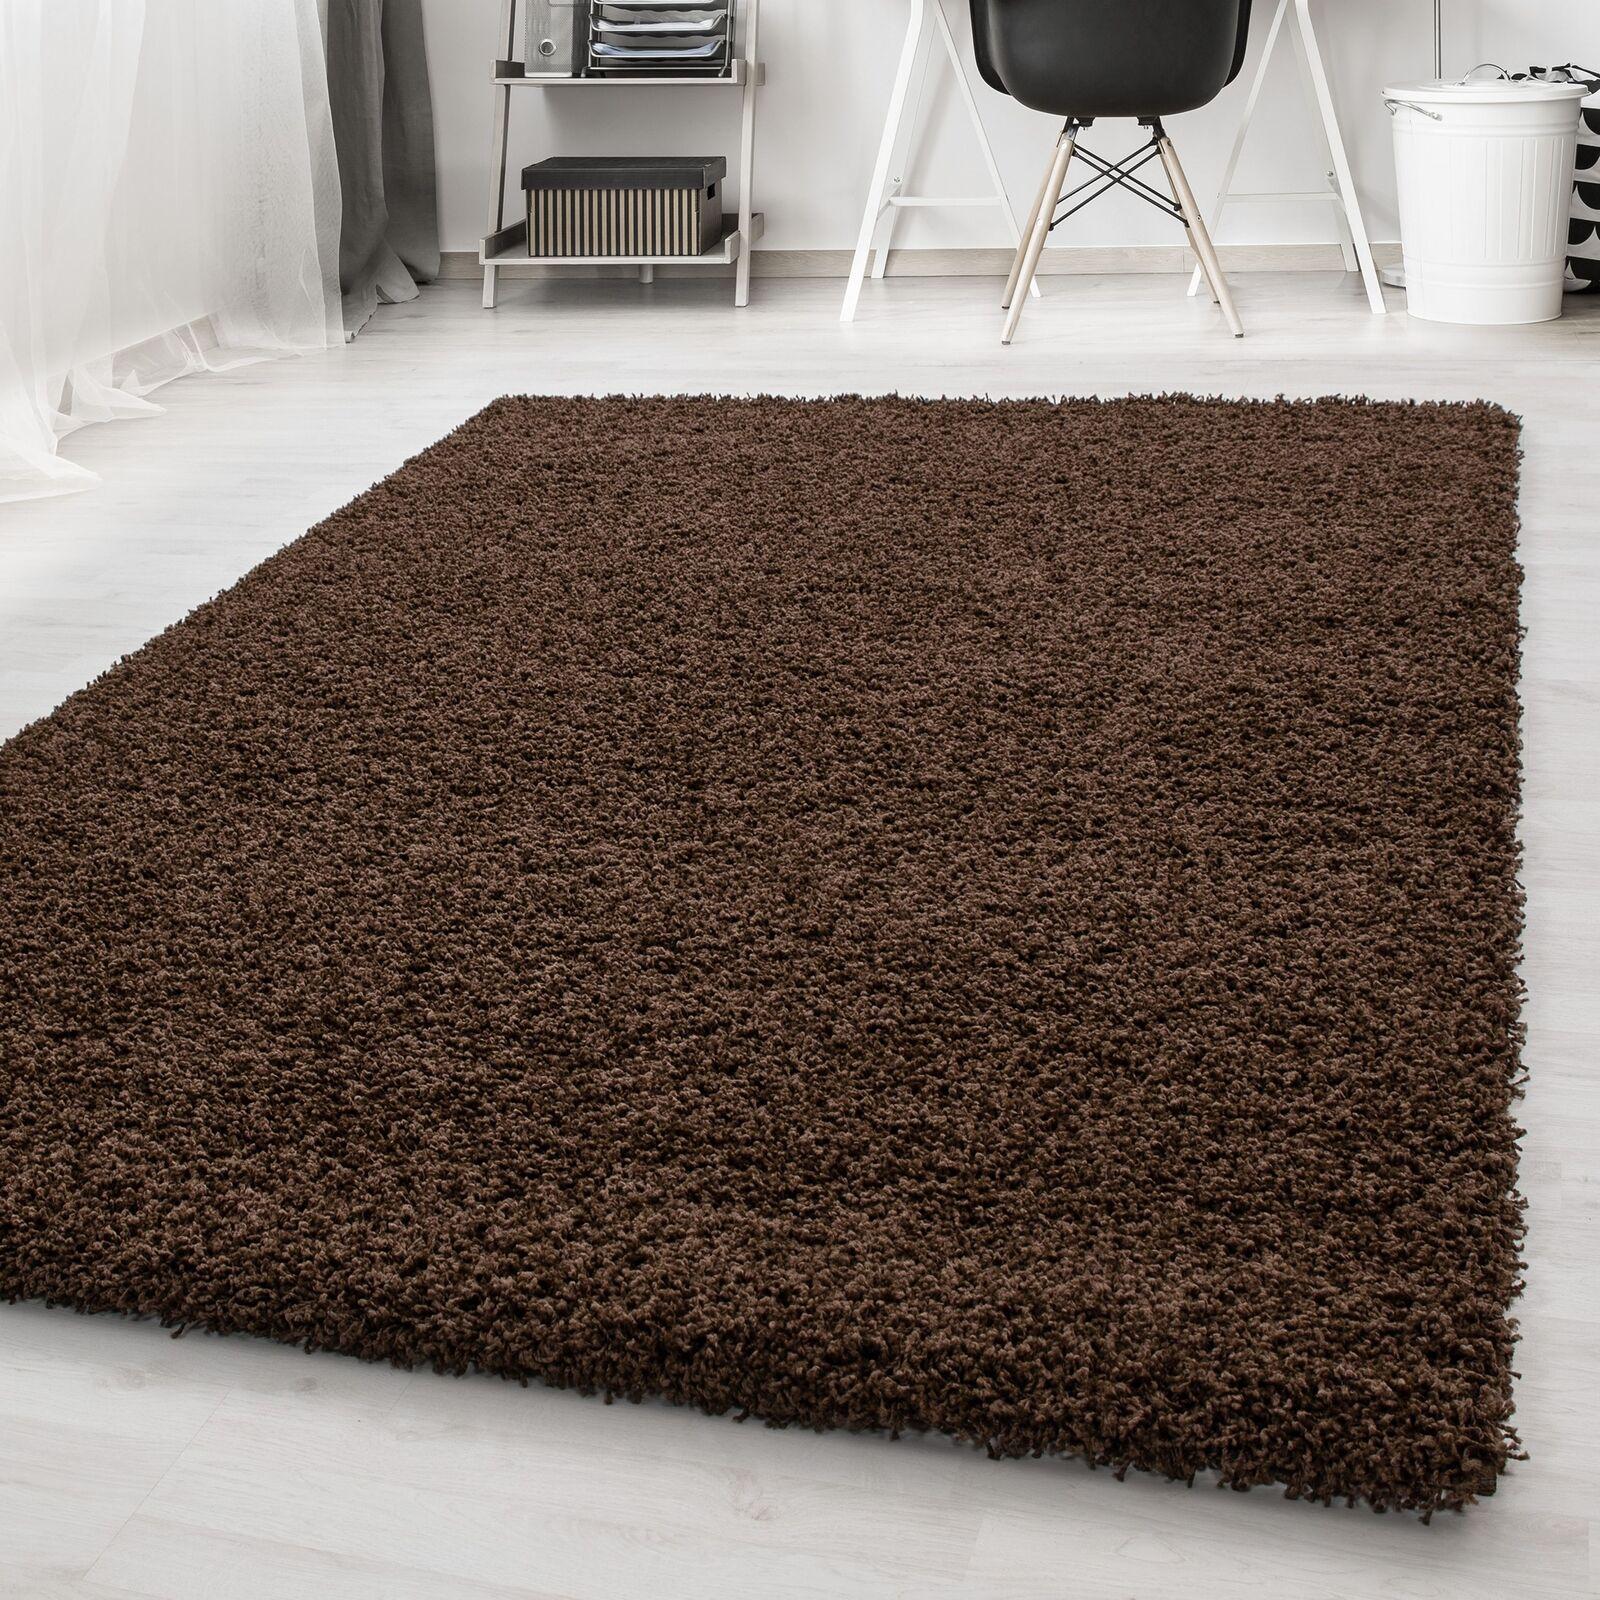 Tappeto ad alta pila Shaggy tappeto lungo pila facile cura Unicolourosso Carpet Br